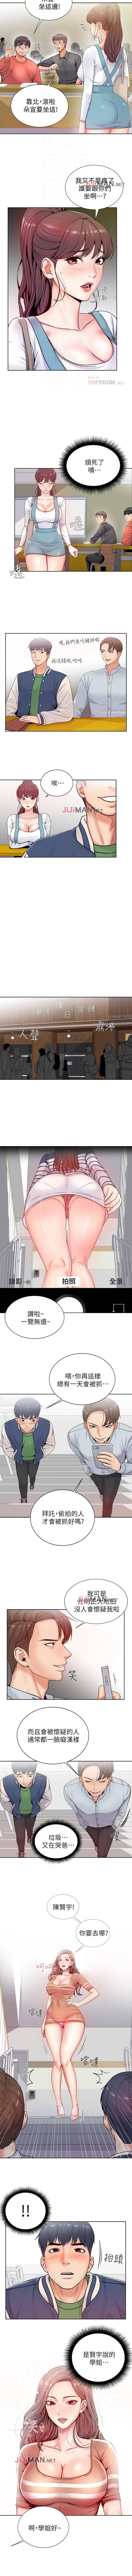 【周三连载】超市的漂亮姐姐(作者:北鼻&逃兵) 第1~40话 12